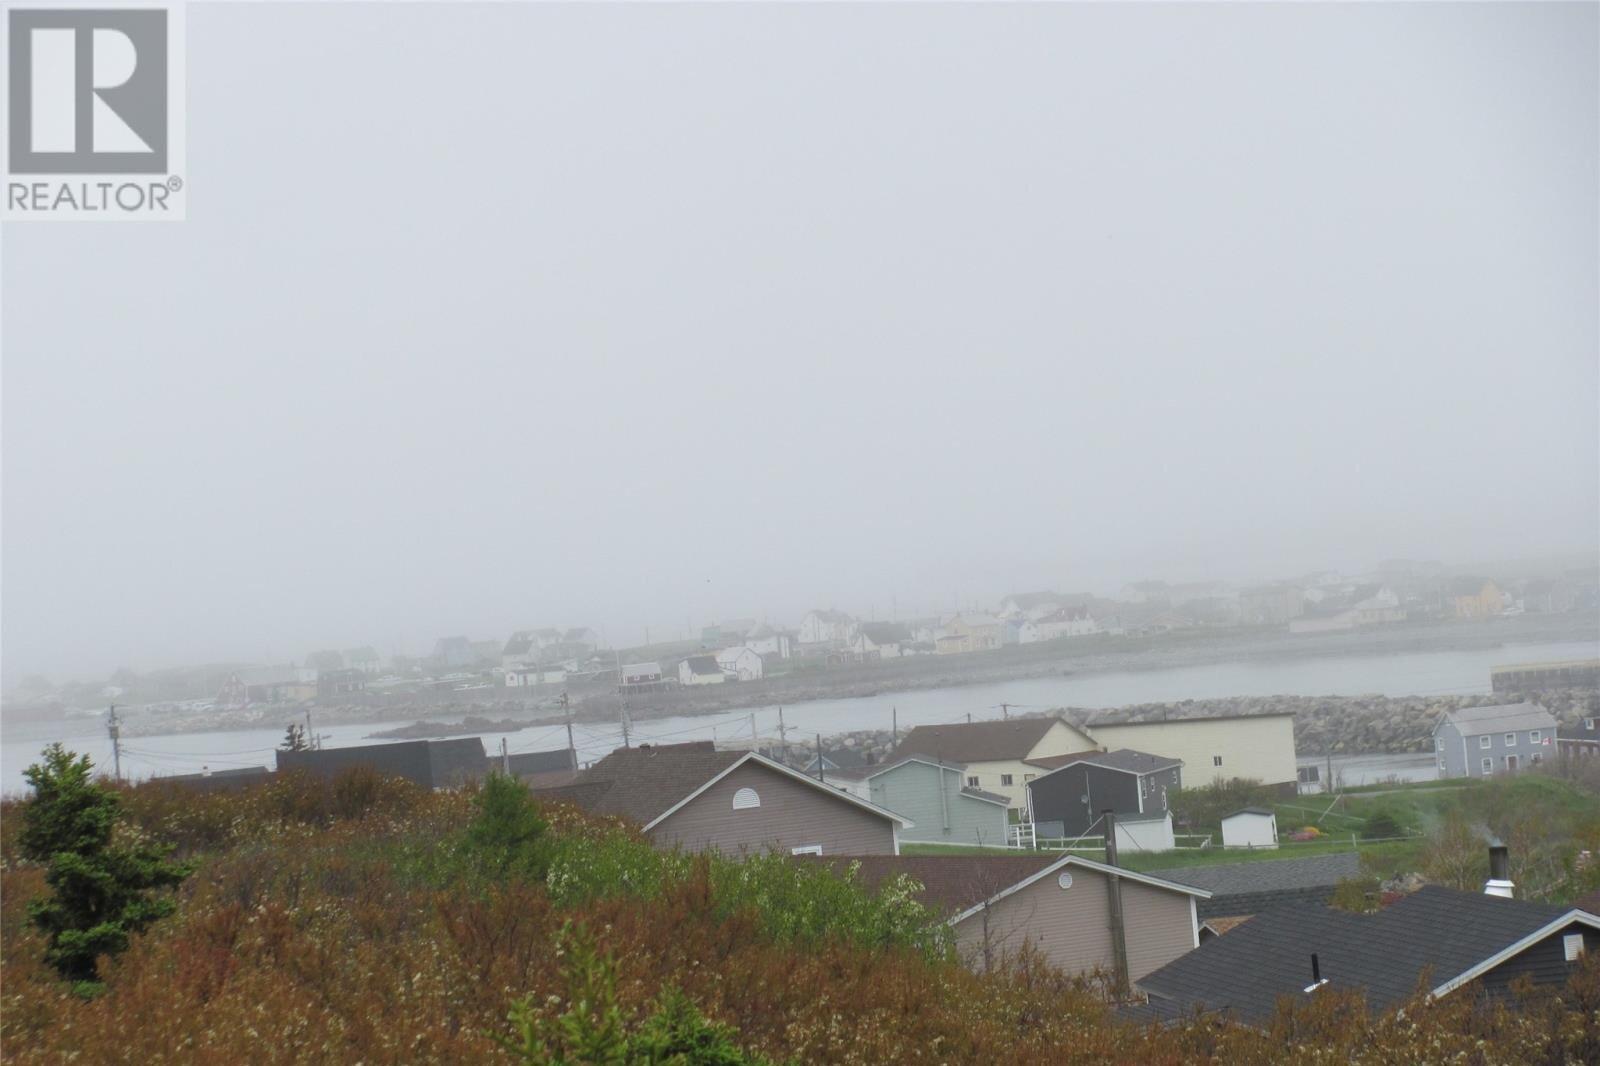 Residential property for sale at 72 John Cabot Dr Bonavista Newfoundland - MLS: 1197415